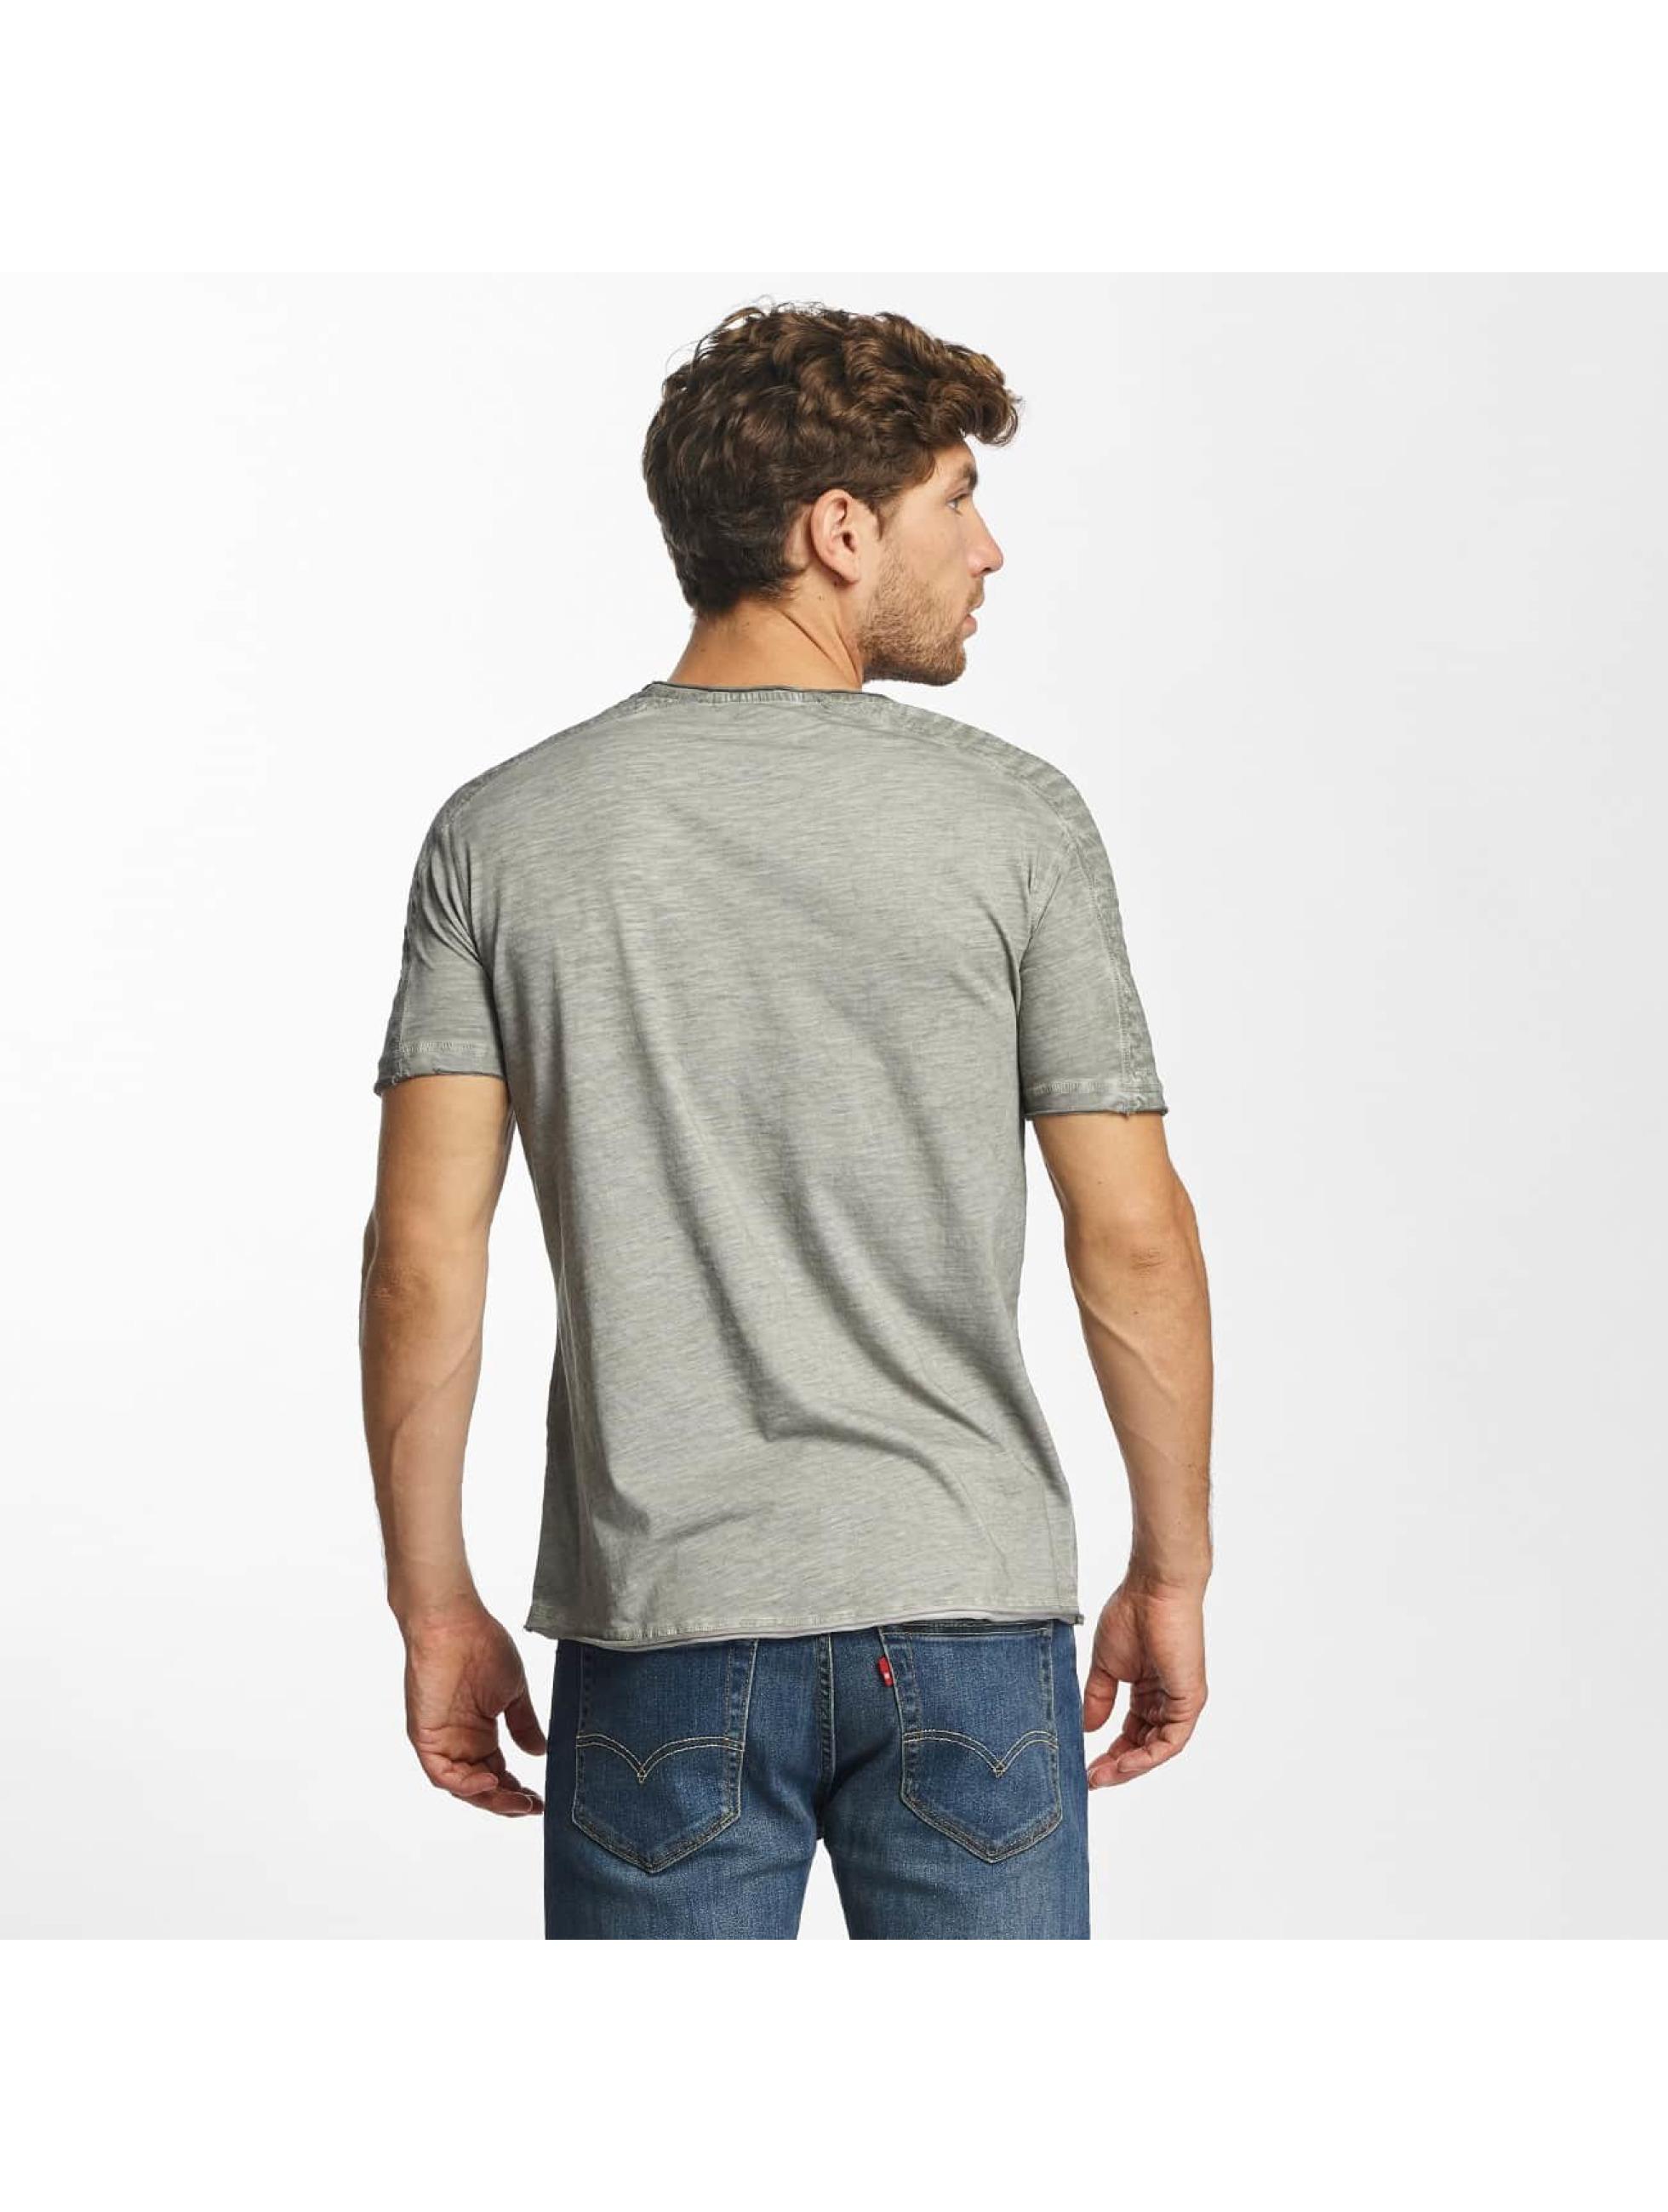 Red Bridge T-shirt Vintage Seam grigio